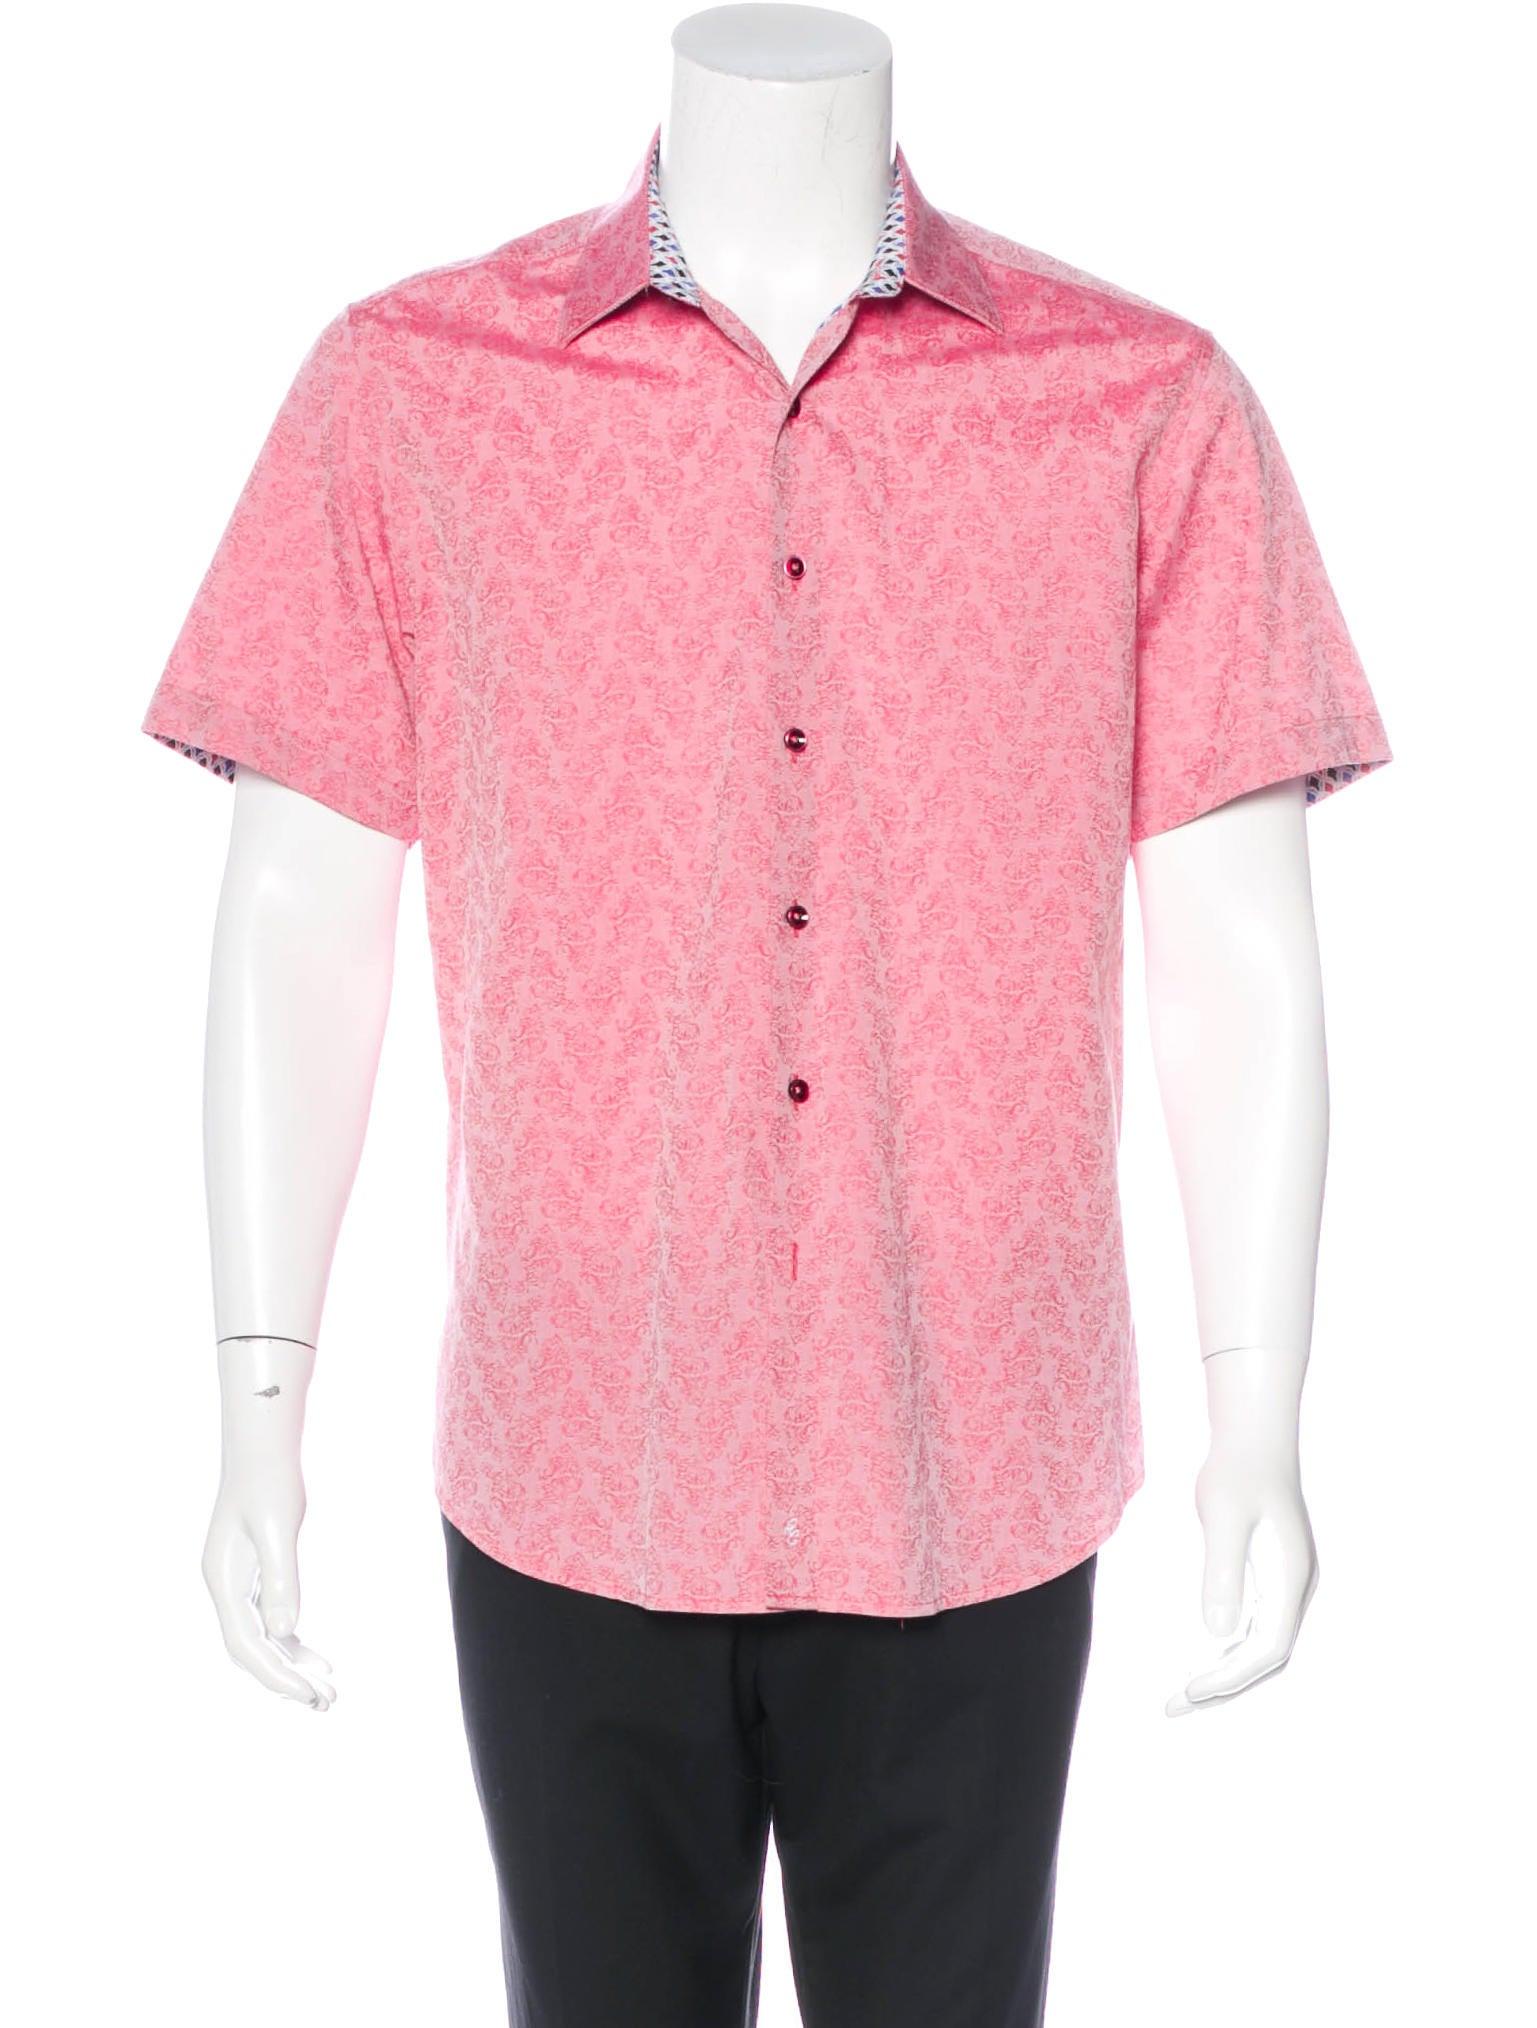 Robert Graham Jacquard Floral Shirt Clothing Wrobg20901 The Realreal